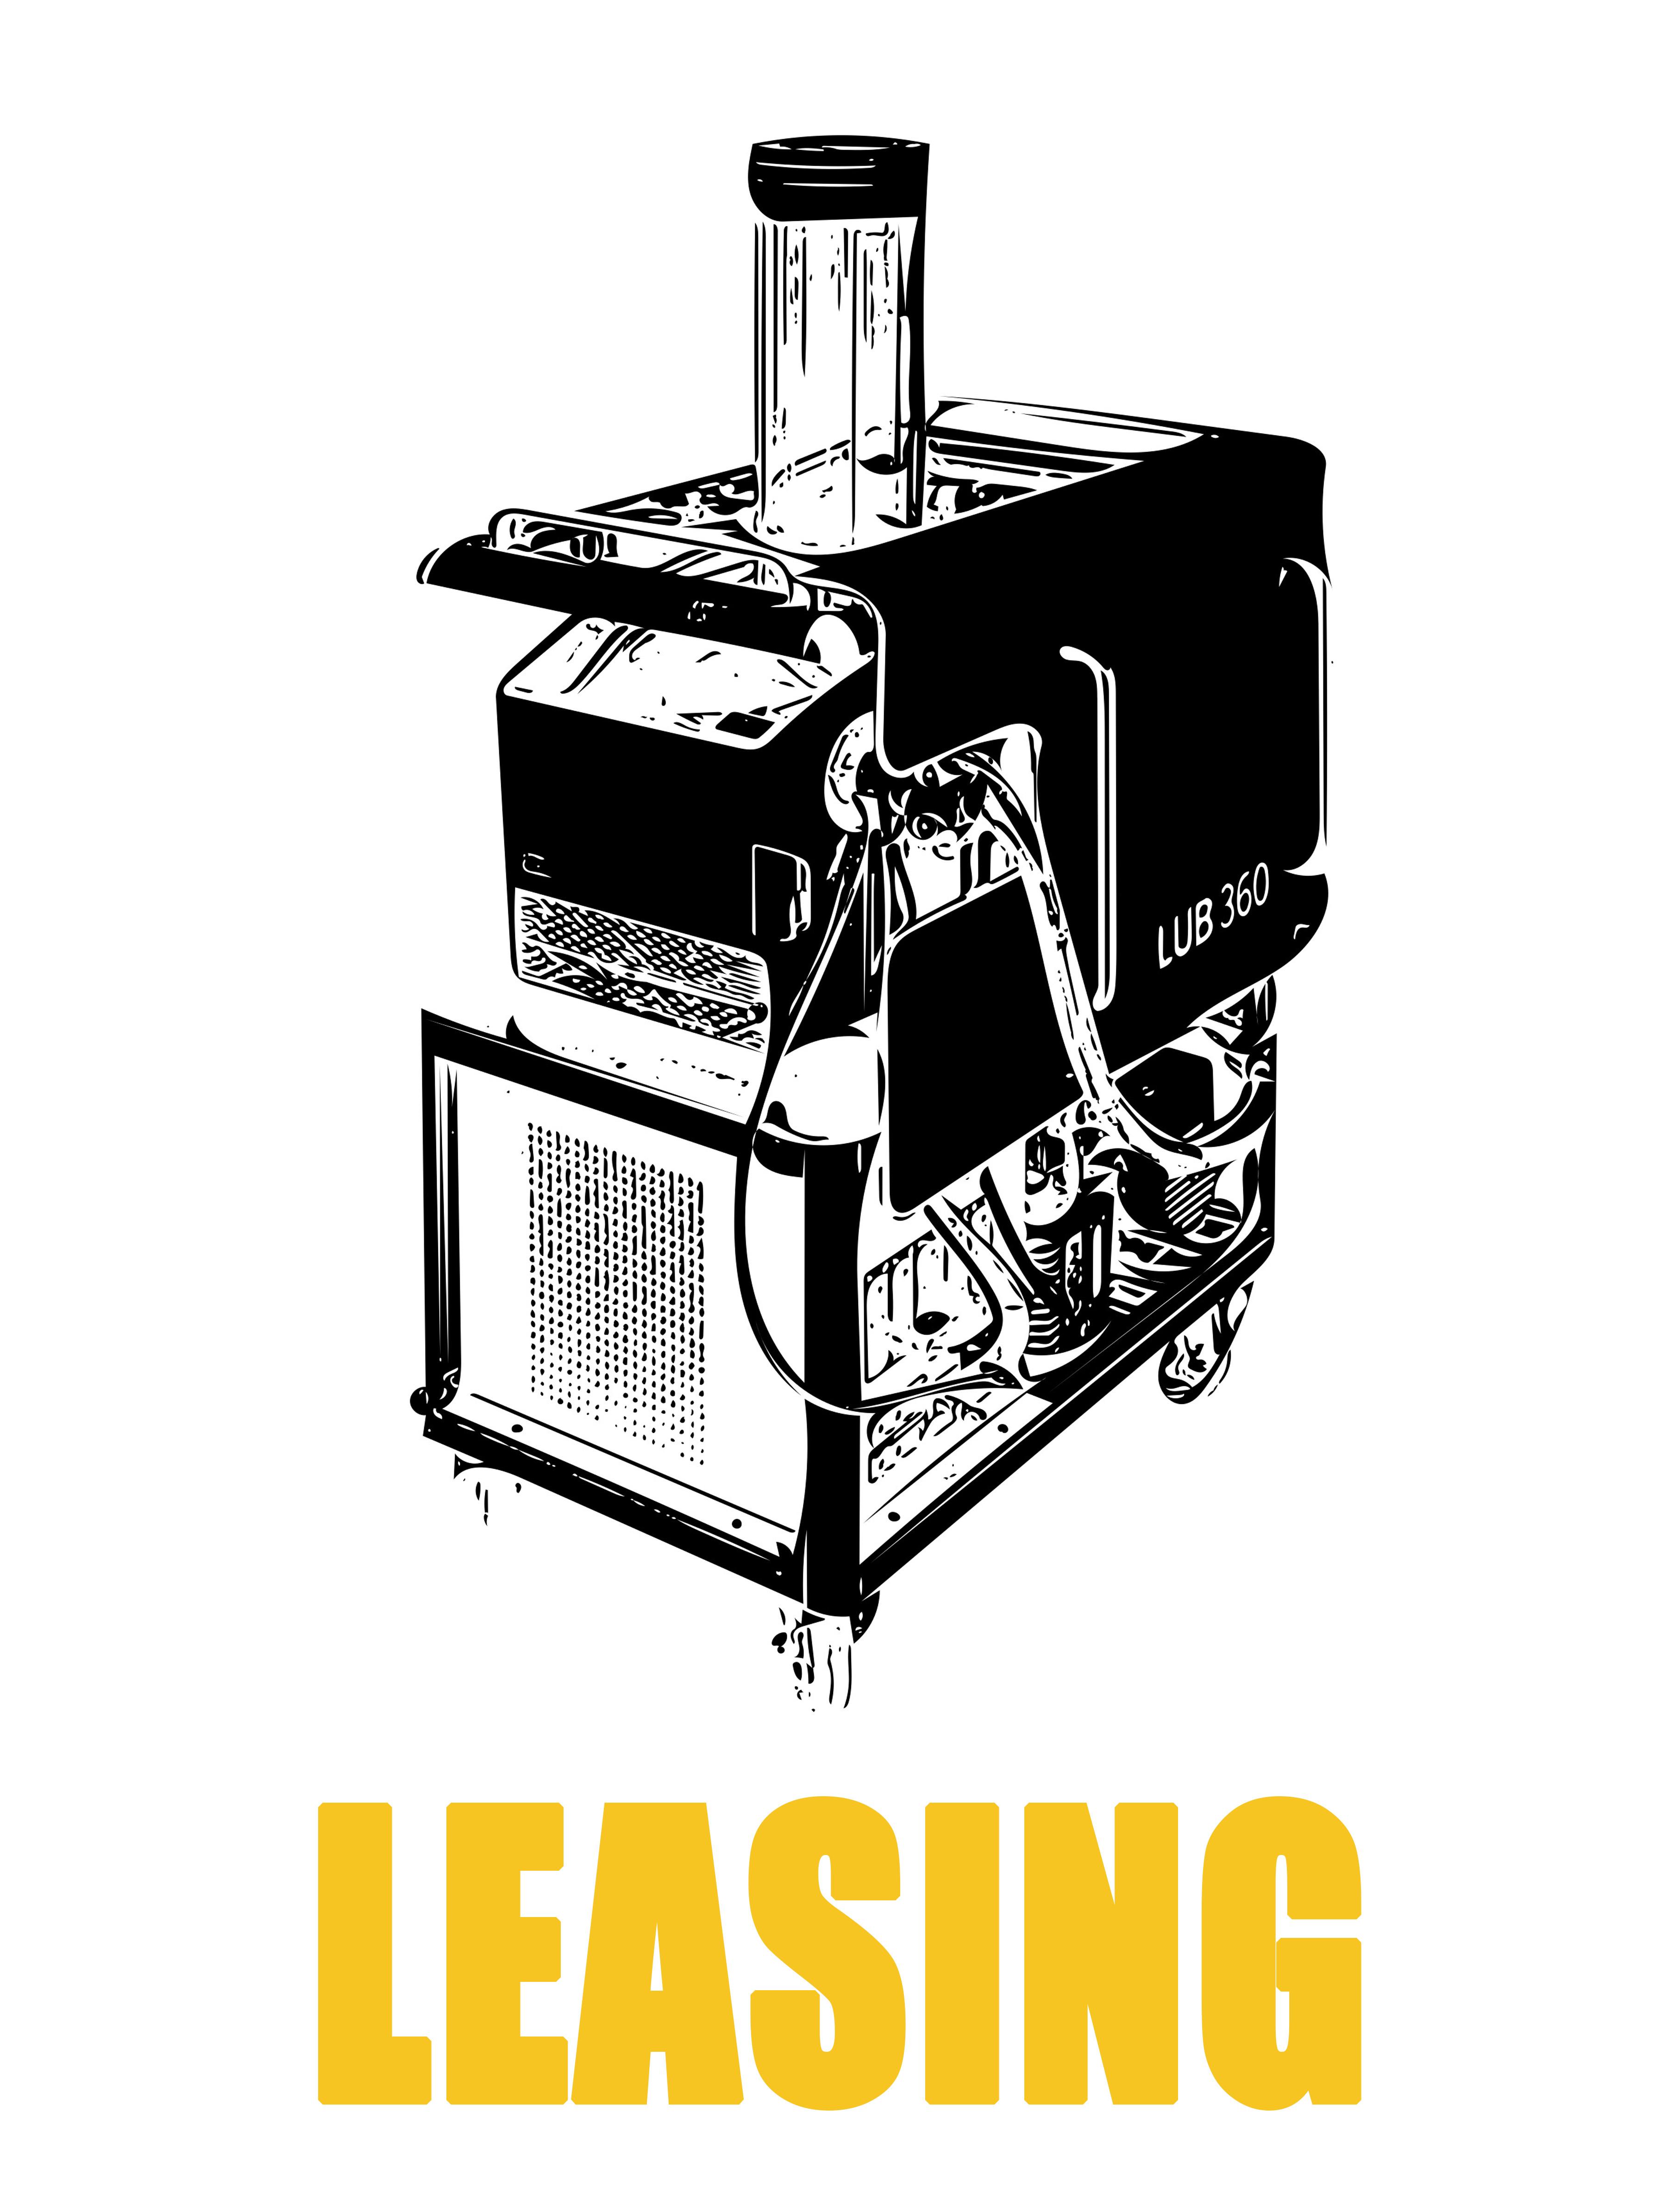 leasing21.jpg